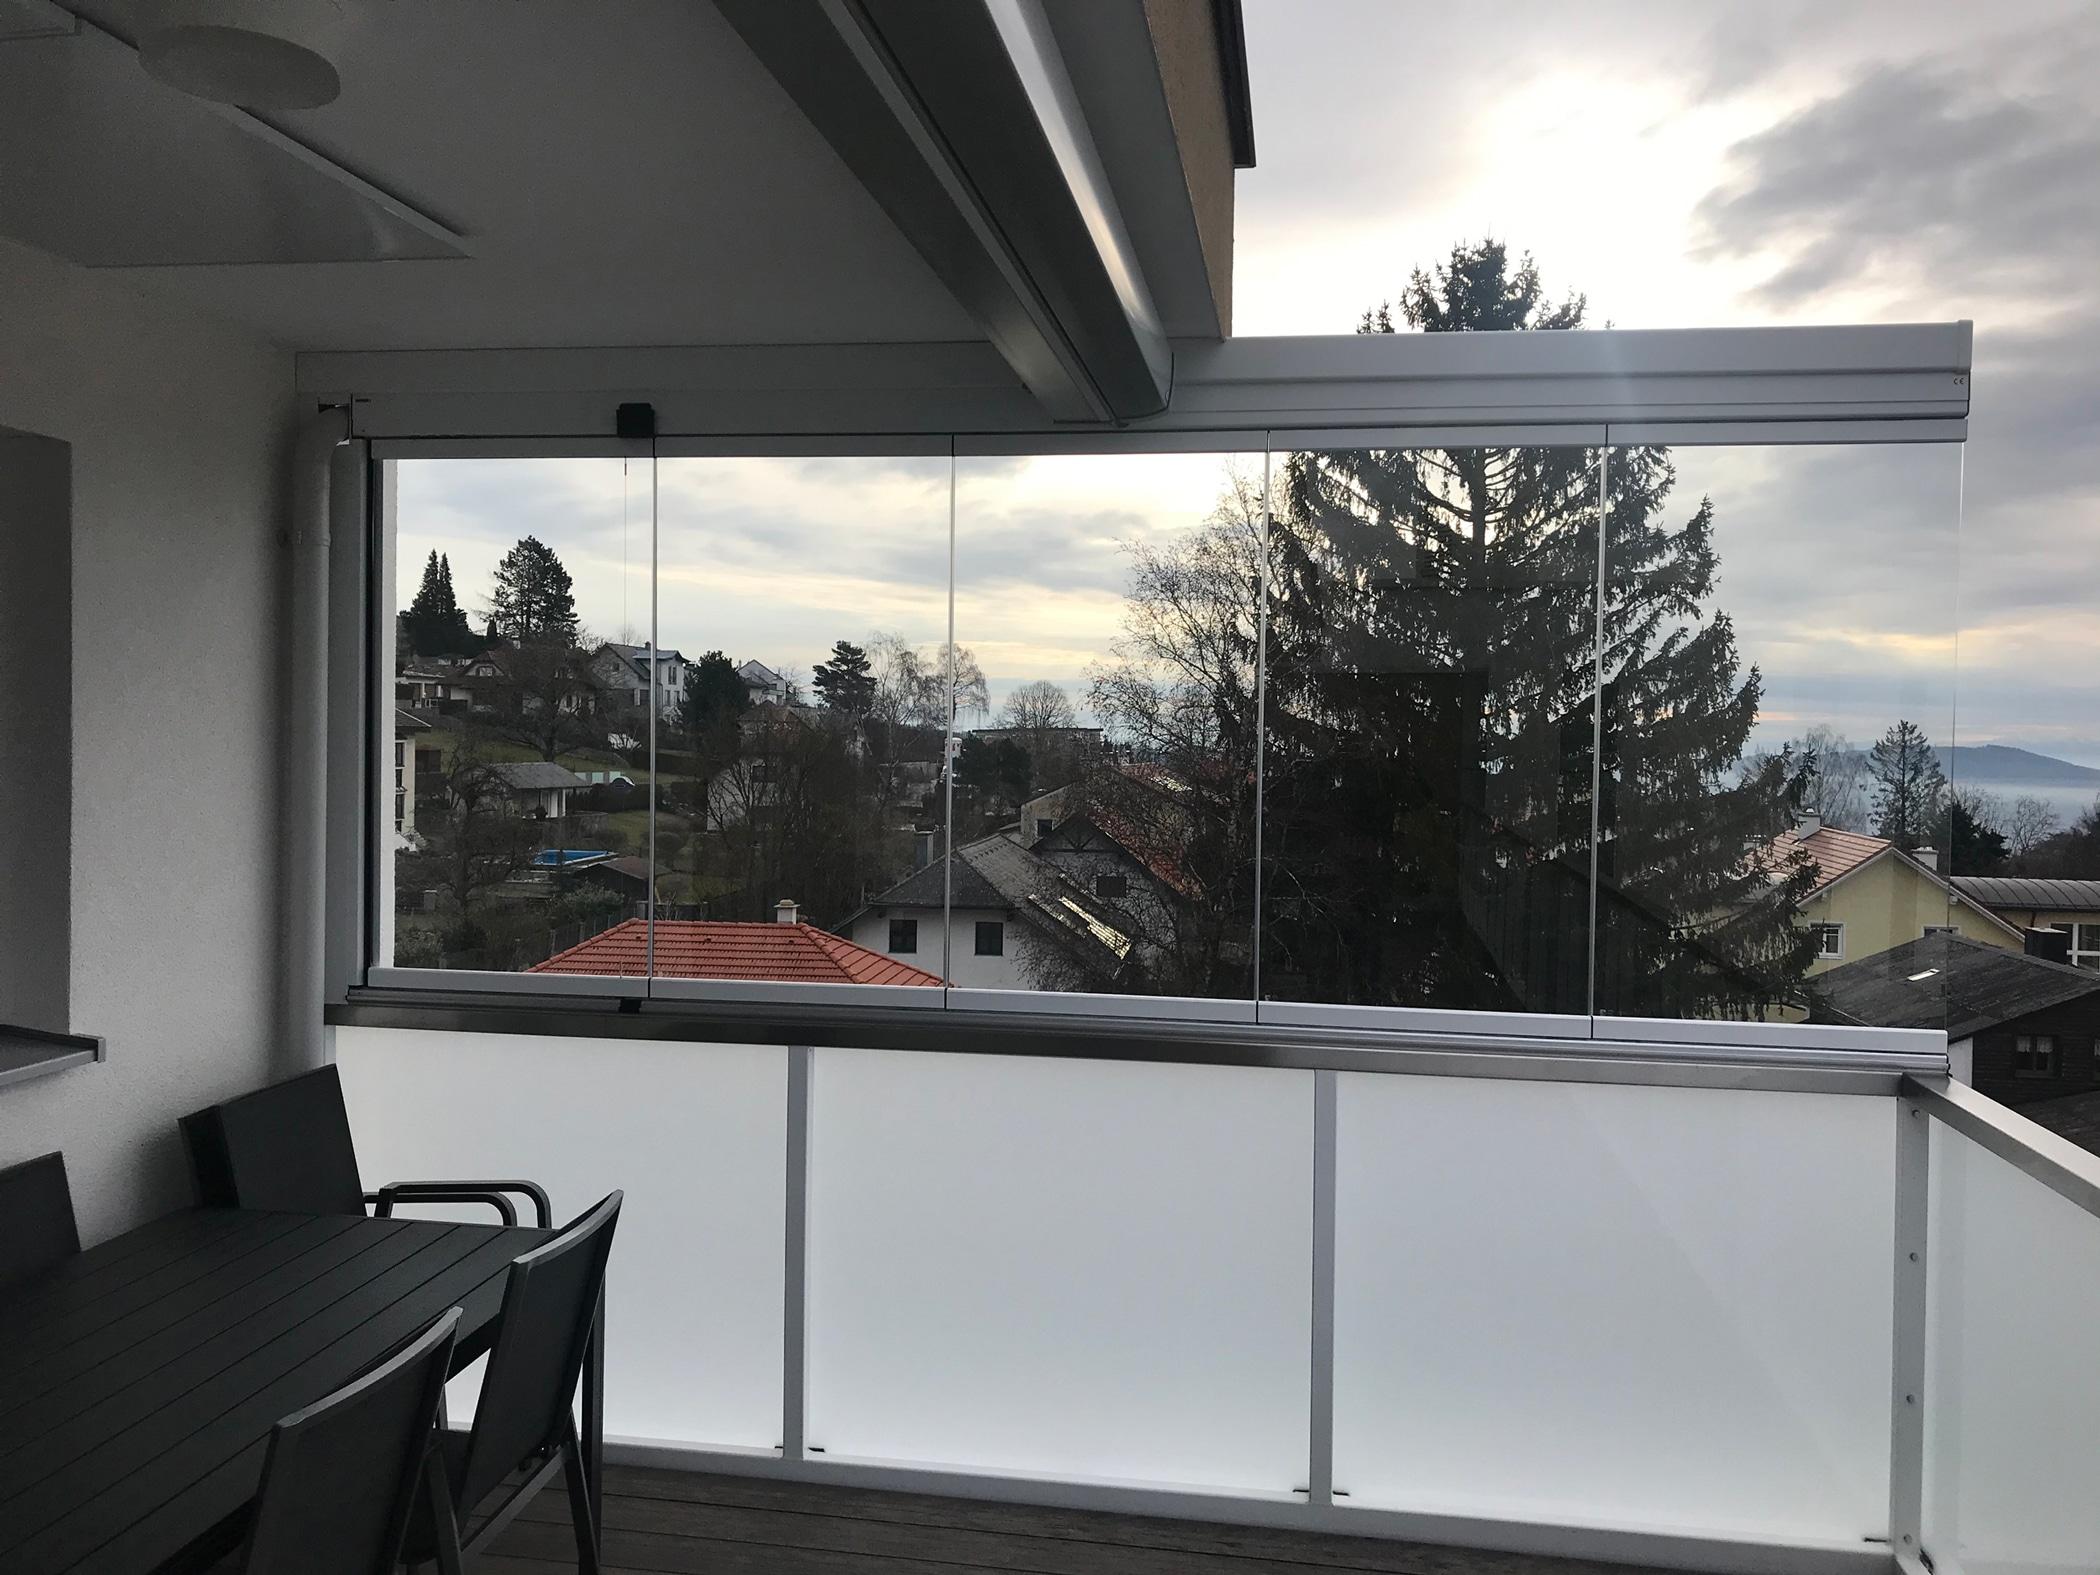 Windschutz zum Wegklappen auf Balkon